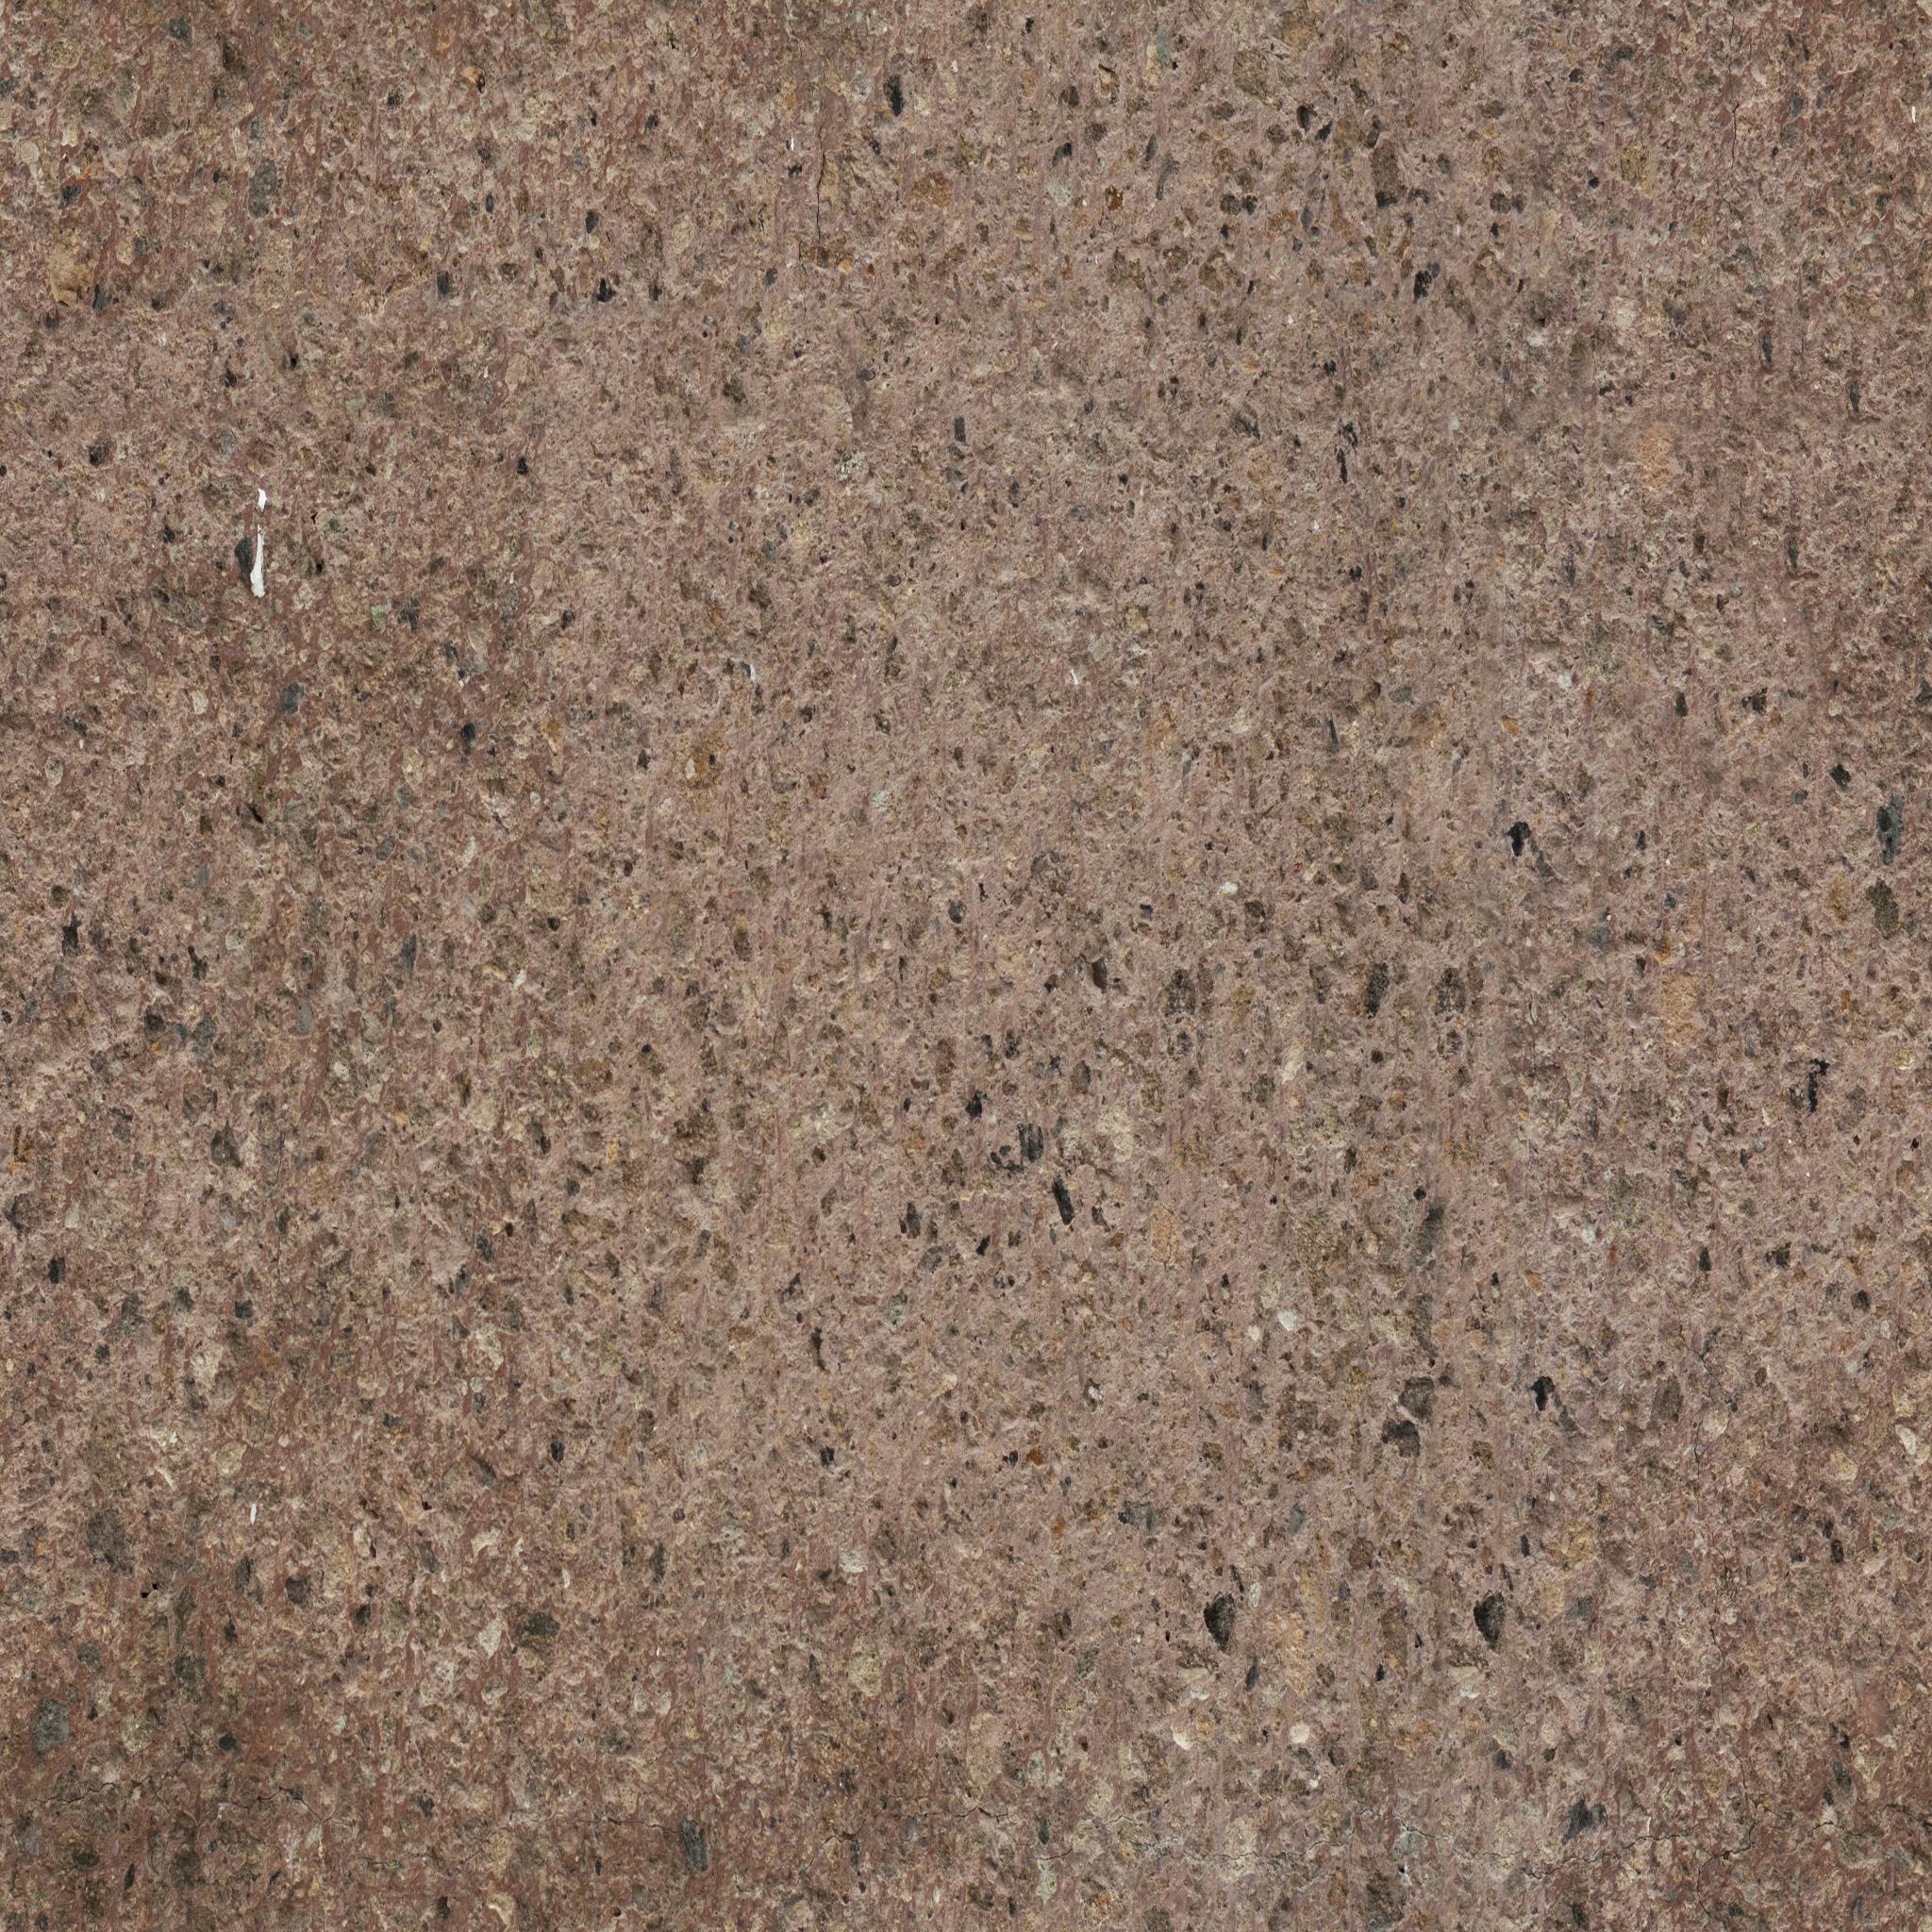 Dark Brown Stained Concrete.jpg